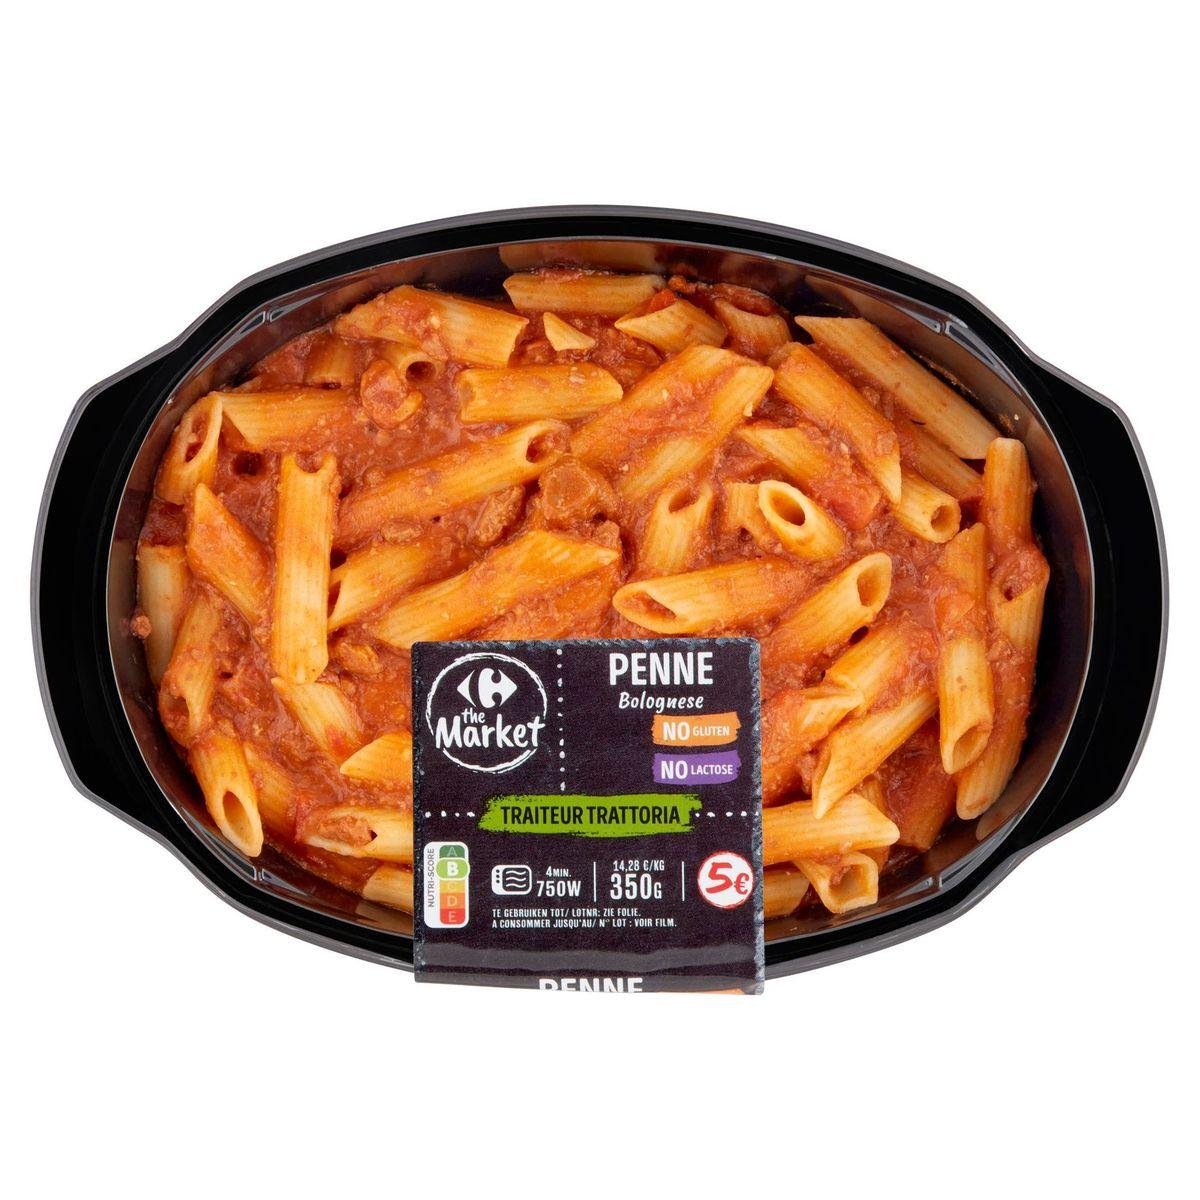 Carrefour Traiteur Trattoria Penne Bolognese 350 g